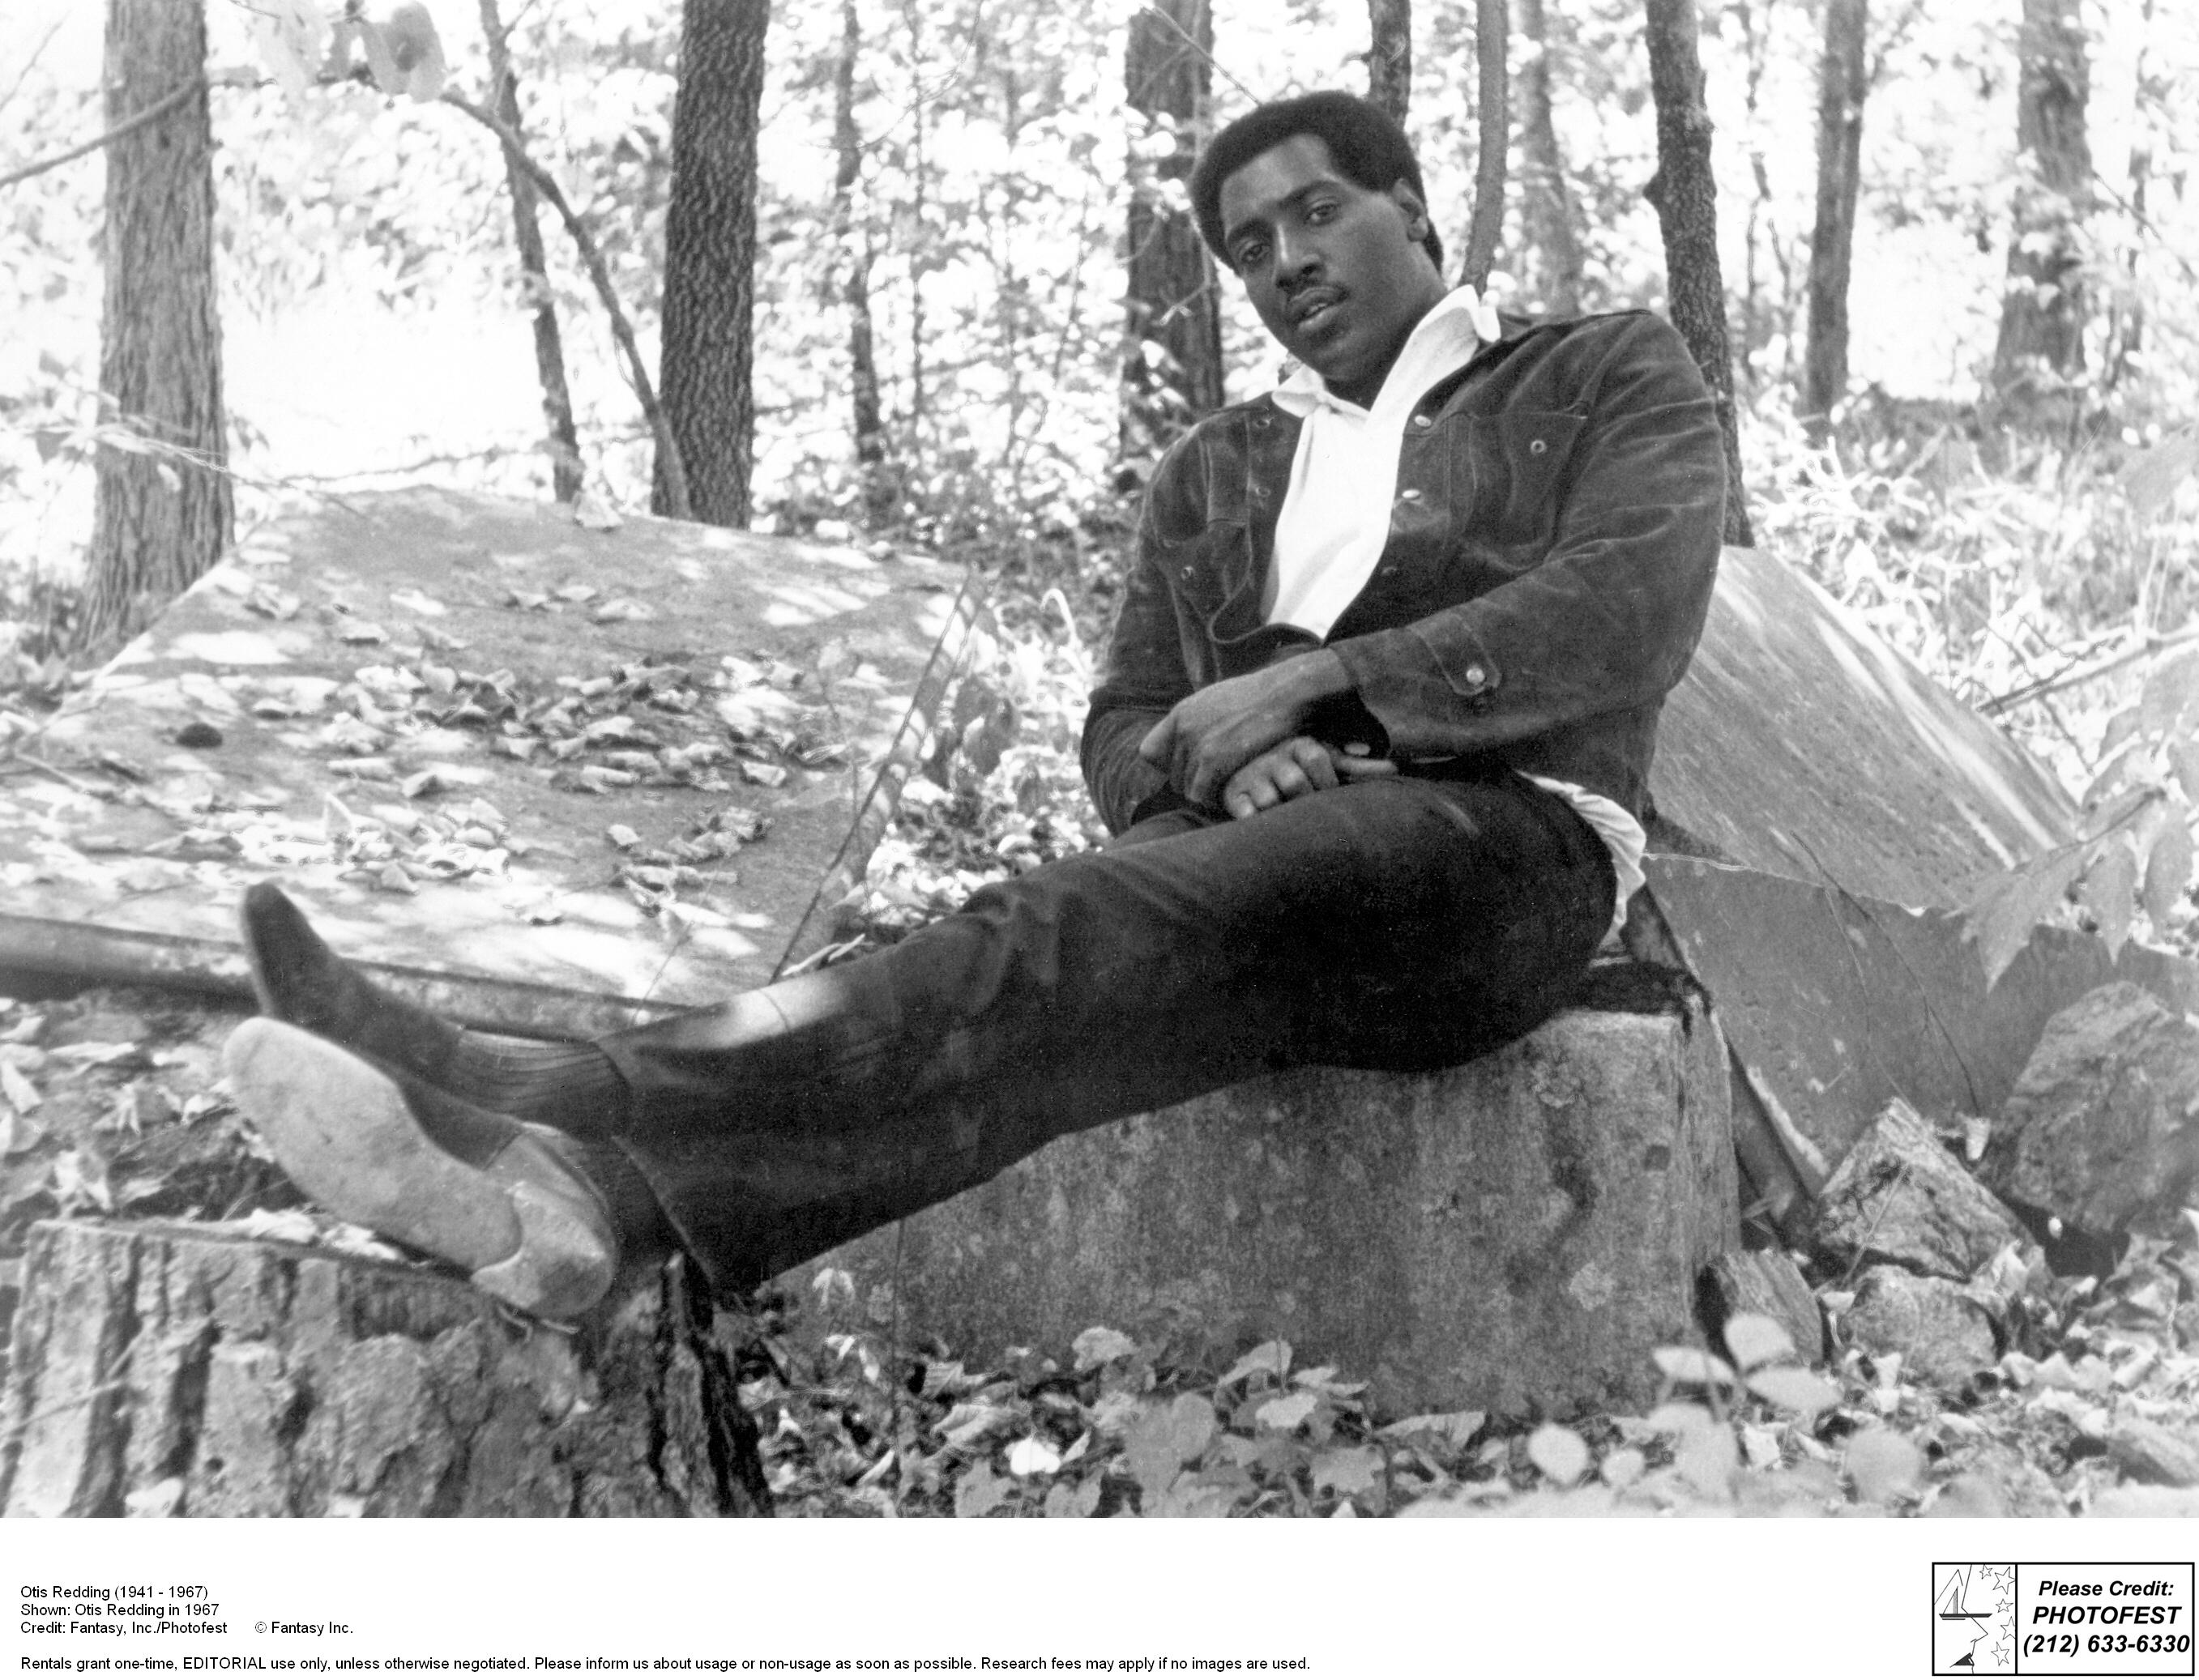 Inside Otis Redding's '(Sittin' on) the Dock of the Bay' - Rolling Stone